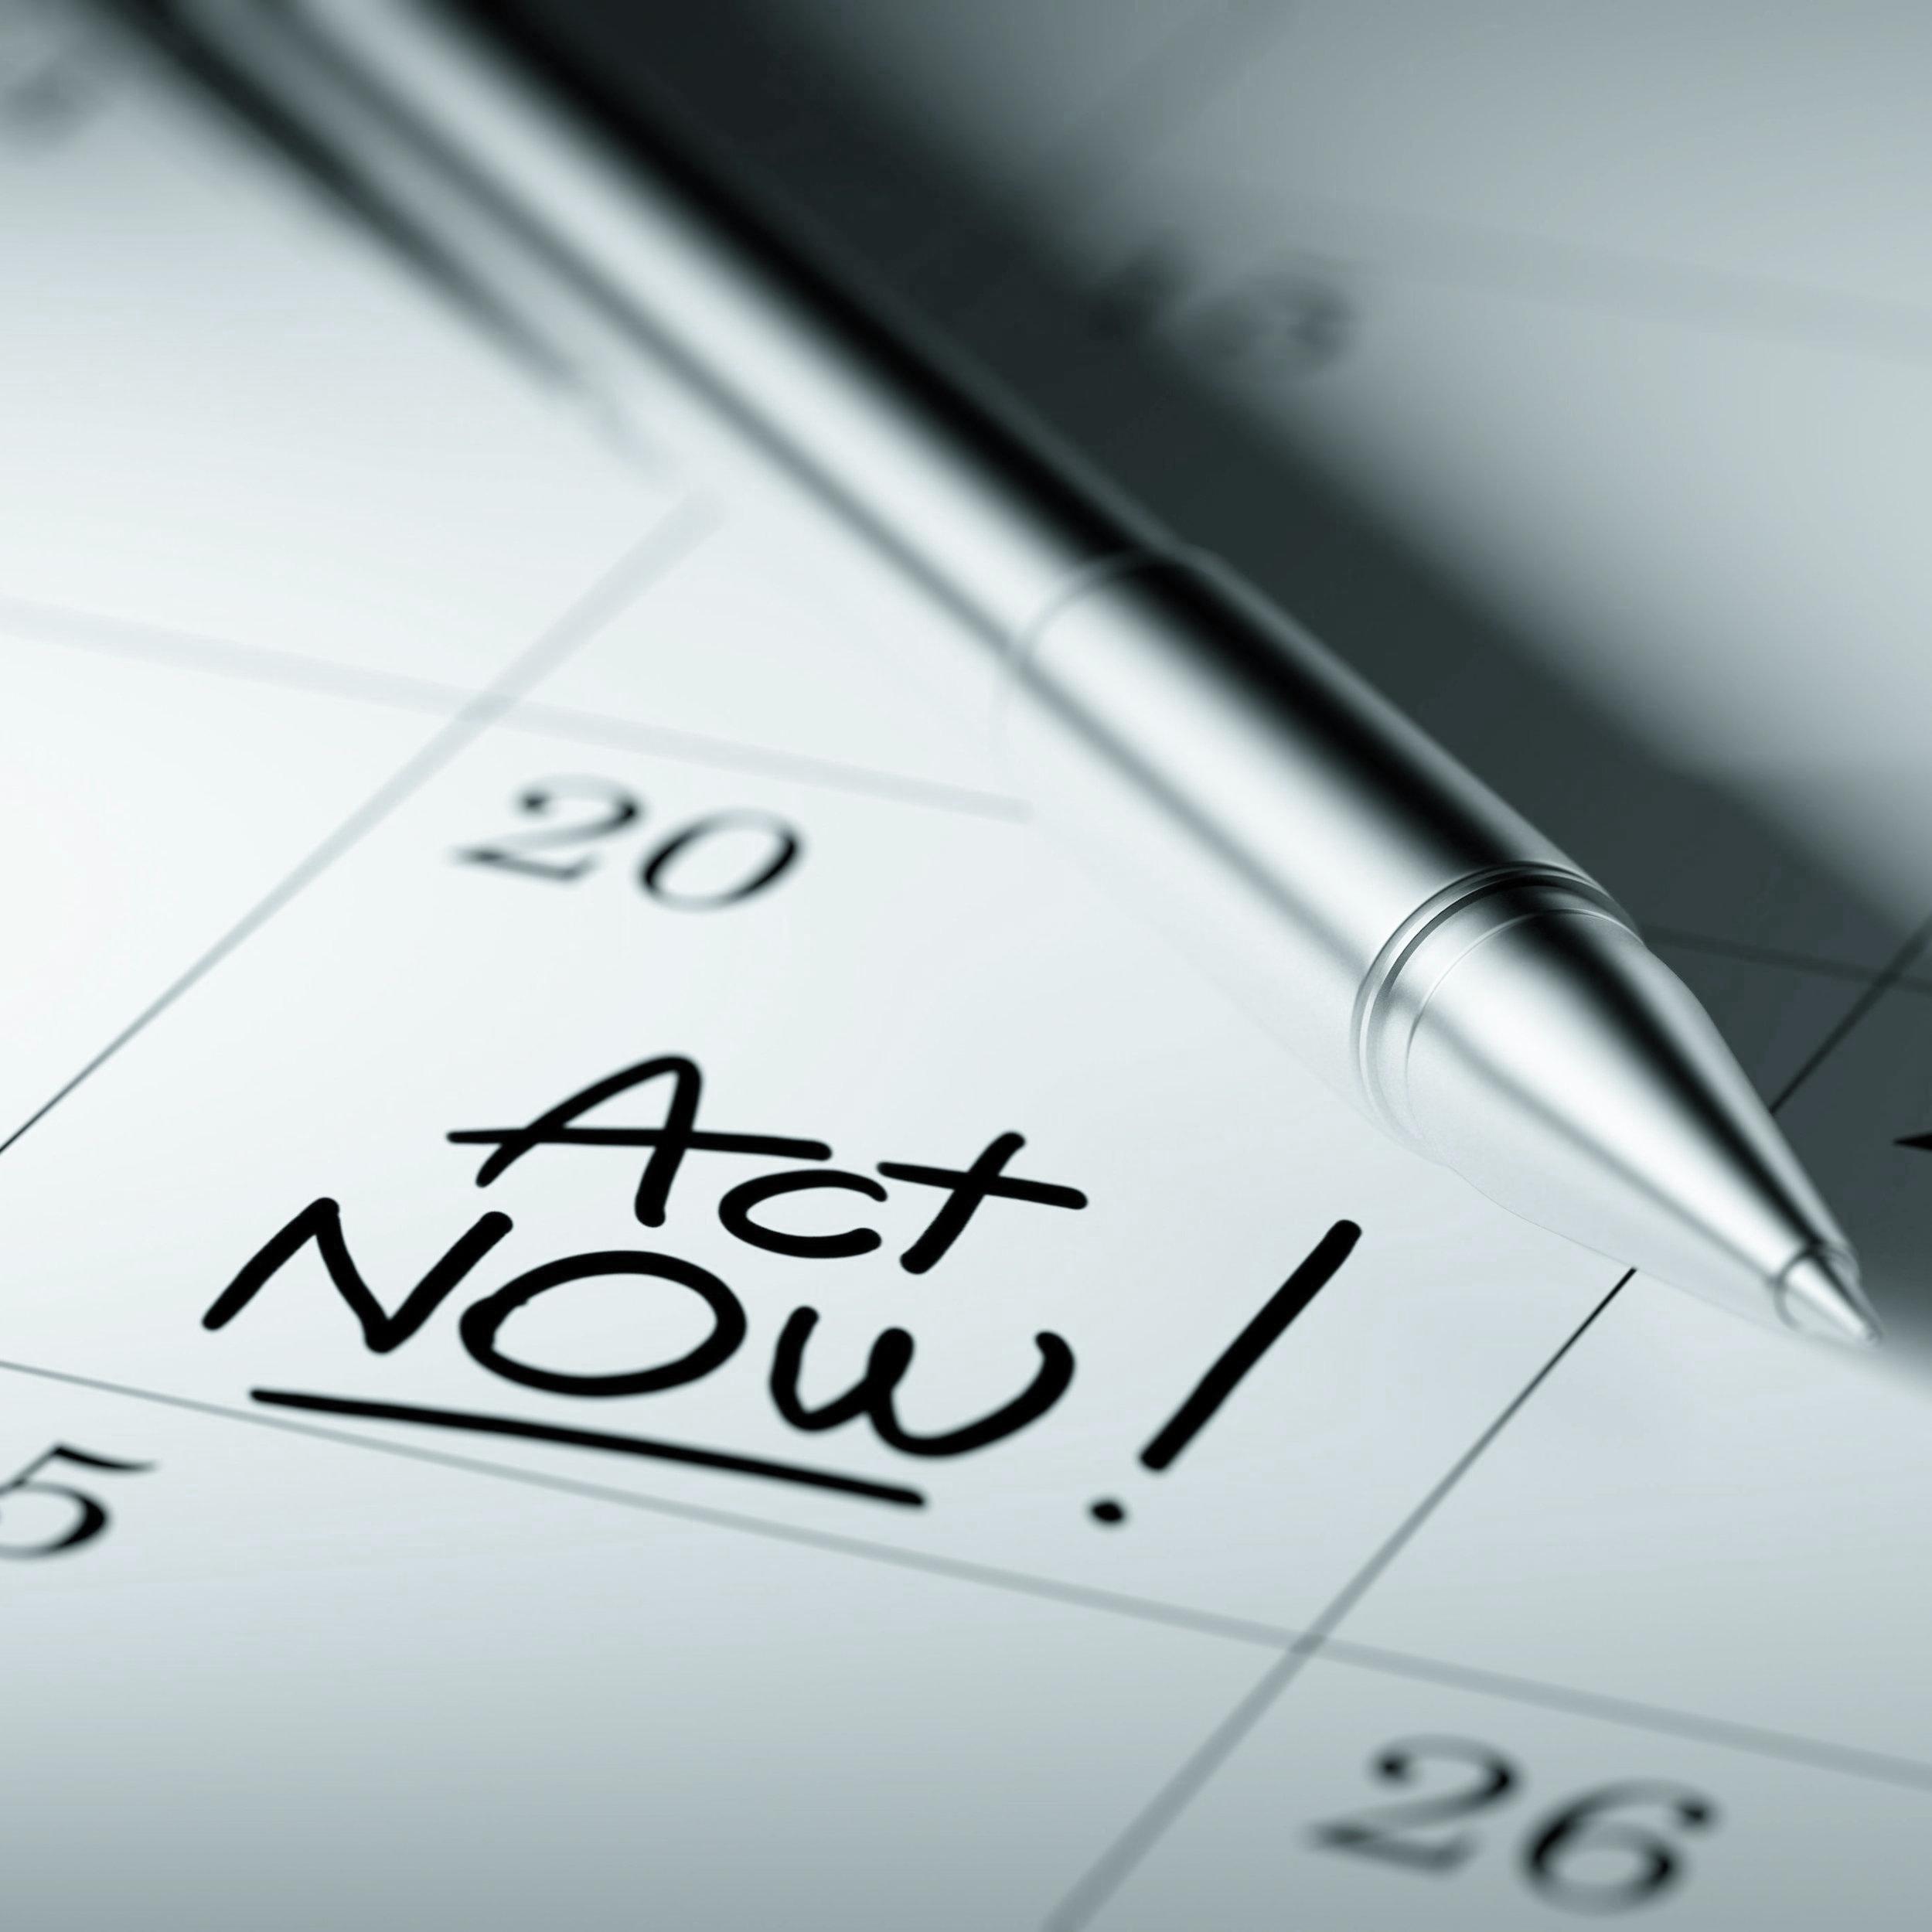 Mein eigener Kalender 2019/20 - Ein auf Sie persönlich abgestimmter Kalender zeigt Ihnen auf:Wozu der Tag geeignet ist Wie reagiere ich auf den Tag Das Potential für Reichtum und ErfolgWie attraktiv / intellegent wirke ich auf andere Wann können mir hilfreiche Menschen begegnenJe öfter Sie für Sie schwierige Tage ausschliessen können, desto besser werden sich Ihre Termine und deren Ergebnisse gestalten.Sie erhalten den Kalender ab dem Bestellmonat bis Ende 2020 und eine 1/2 Stunde Einführung - um dem bestmöglichen Nutzen zu erhalten.Bestellungen bis Ende Dezember erhalten zusätzlich einen Gutschein über 20.00 CHF, der bei einer Beratung angerechnet wird.Kosten: 80.00 CHF incl. MWST